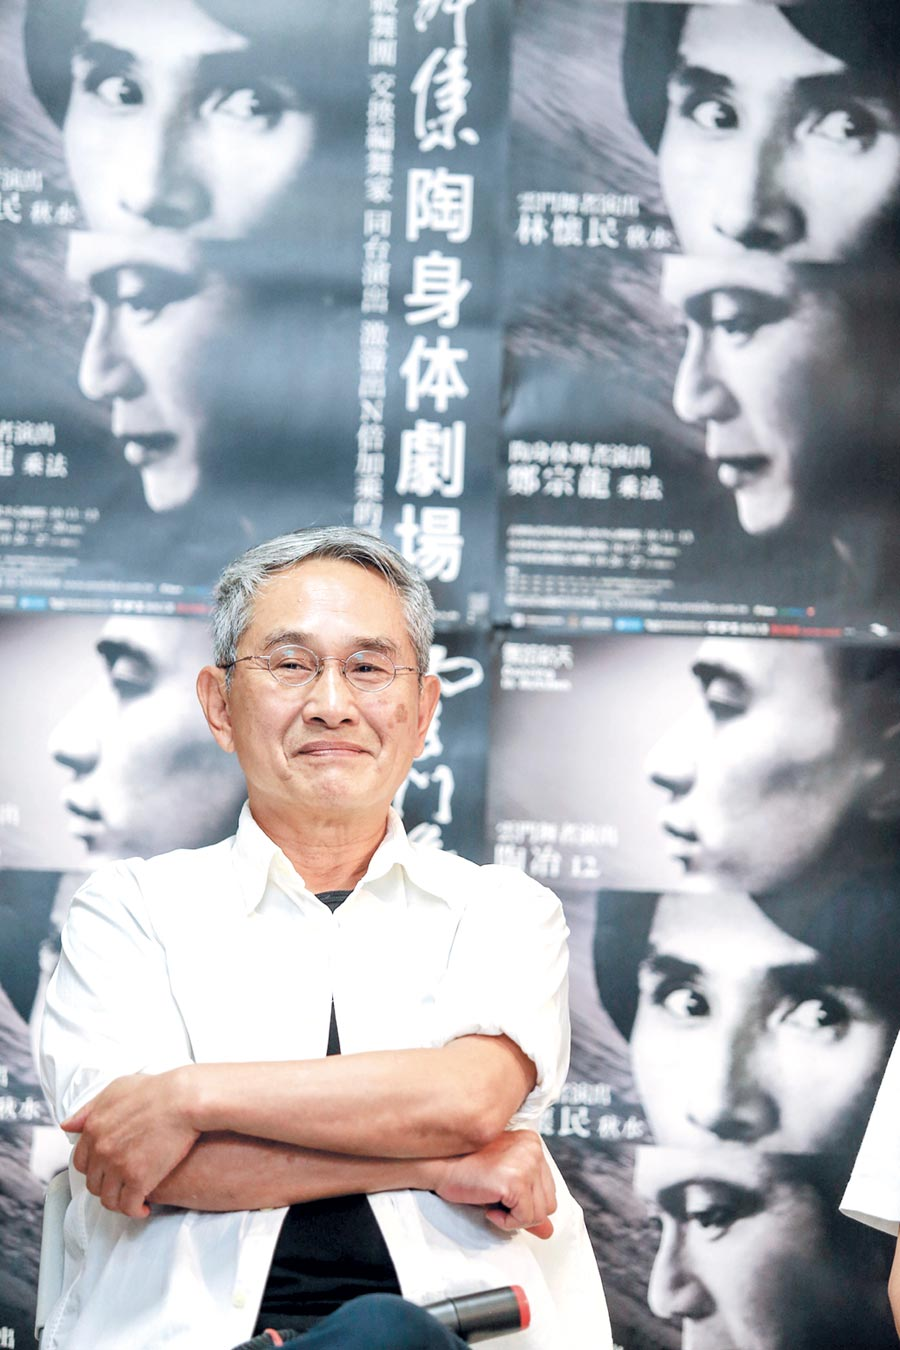 備受國際尊崇的編舞家林懷民,今年年底將從他創辦的雲門舞集退休,退休前規劃了最後一套節目。圖/鄧博仁